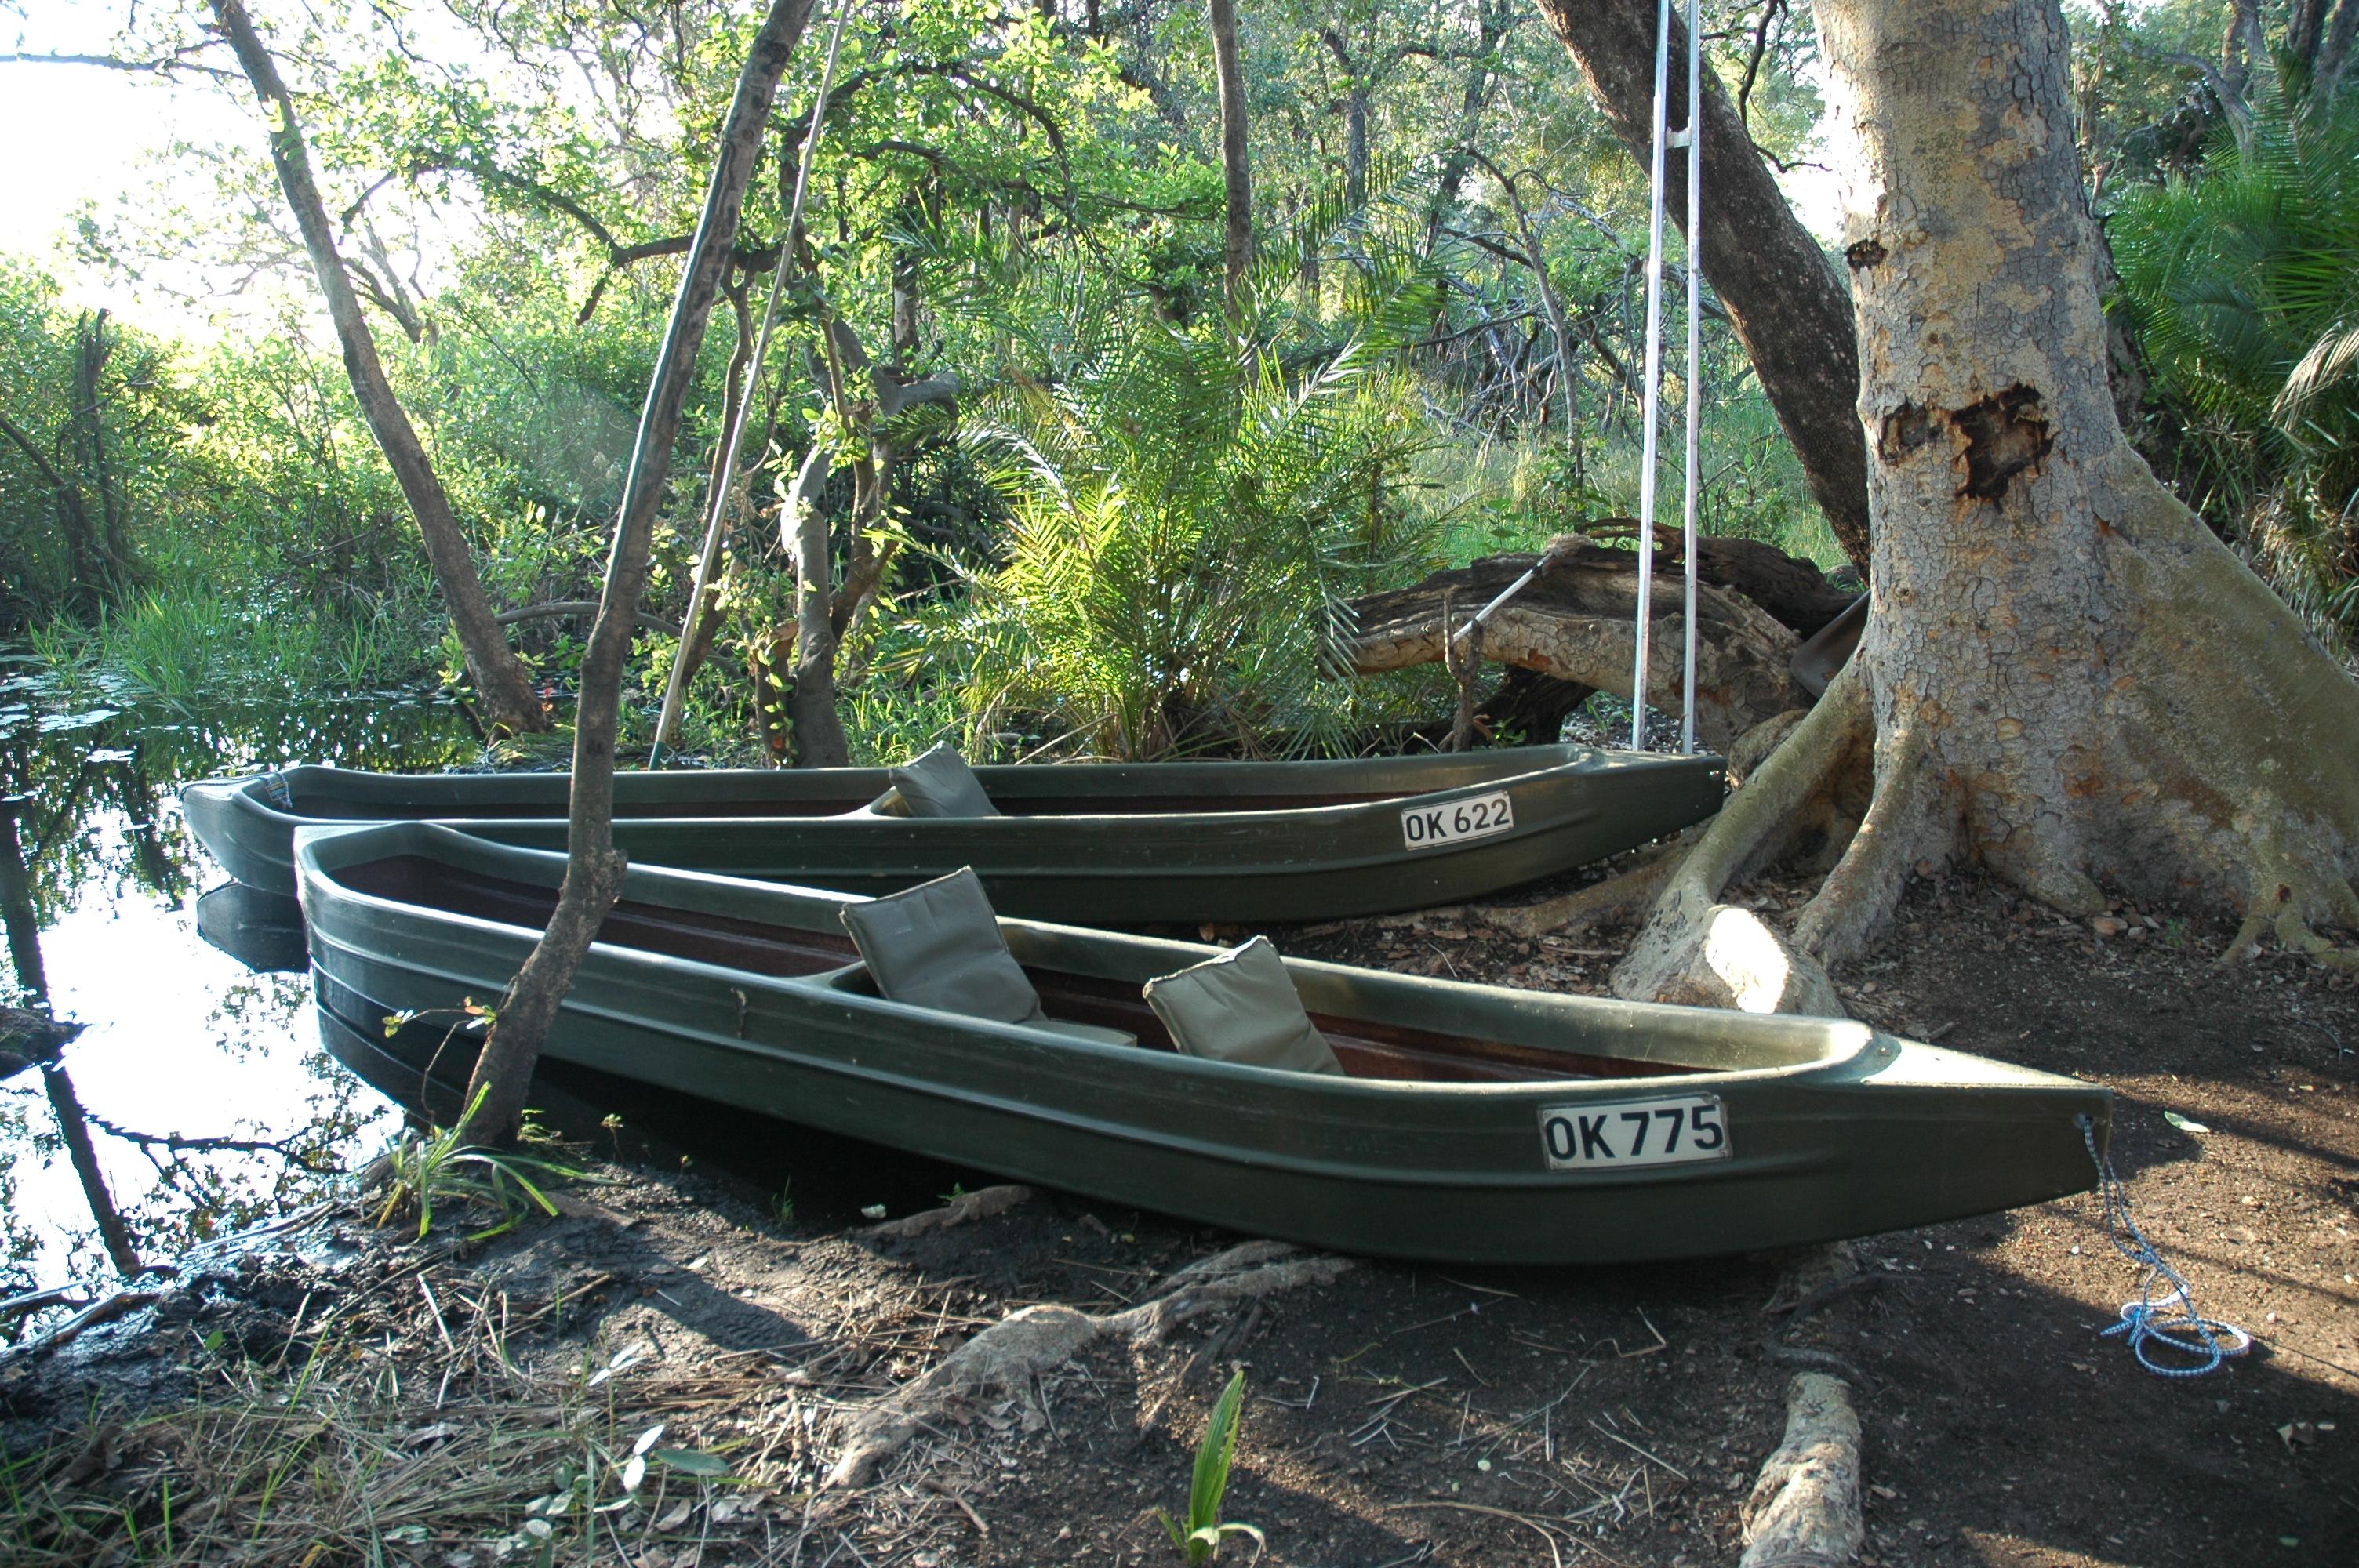 Kanana-Mokoro-Trails Boats